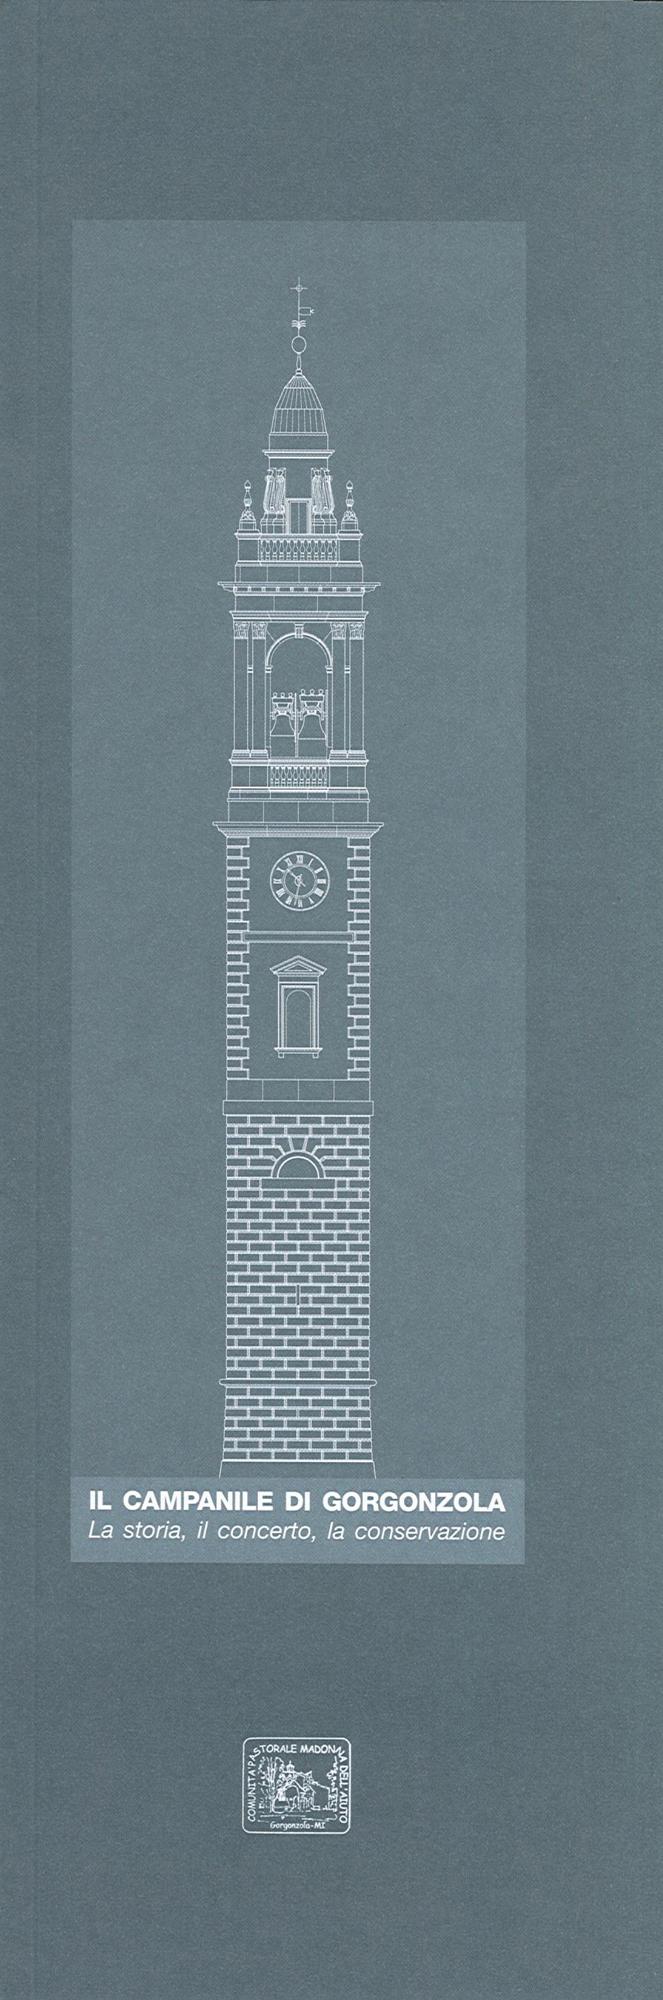 Pubblicazioni - Il Campanile di Gorgonzola - oberti+oberti   architetti